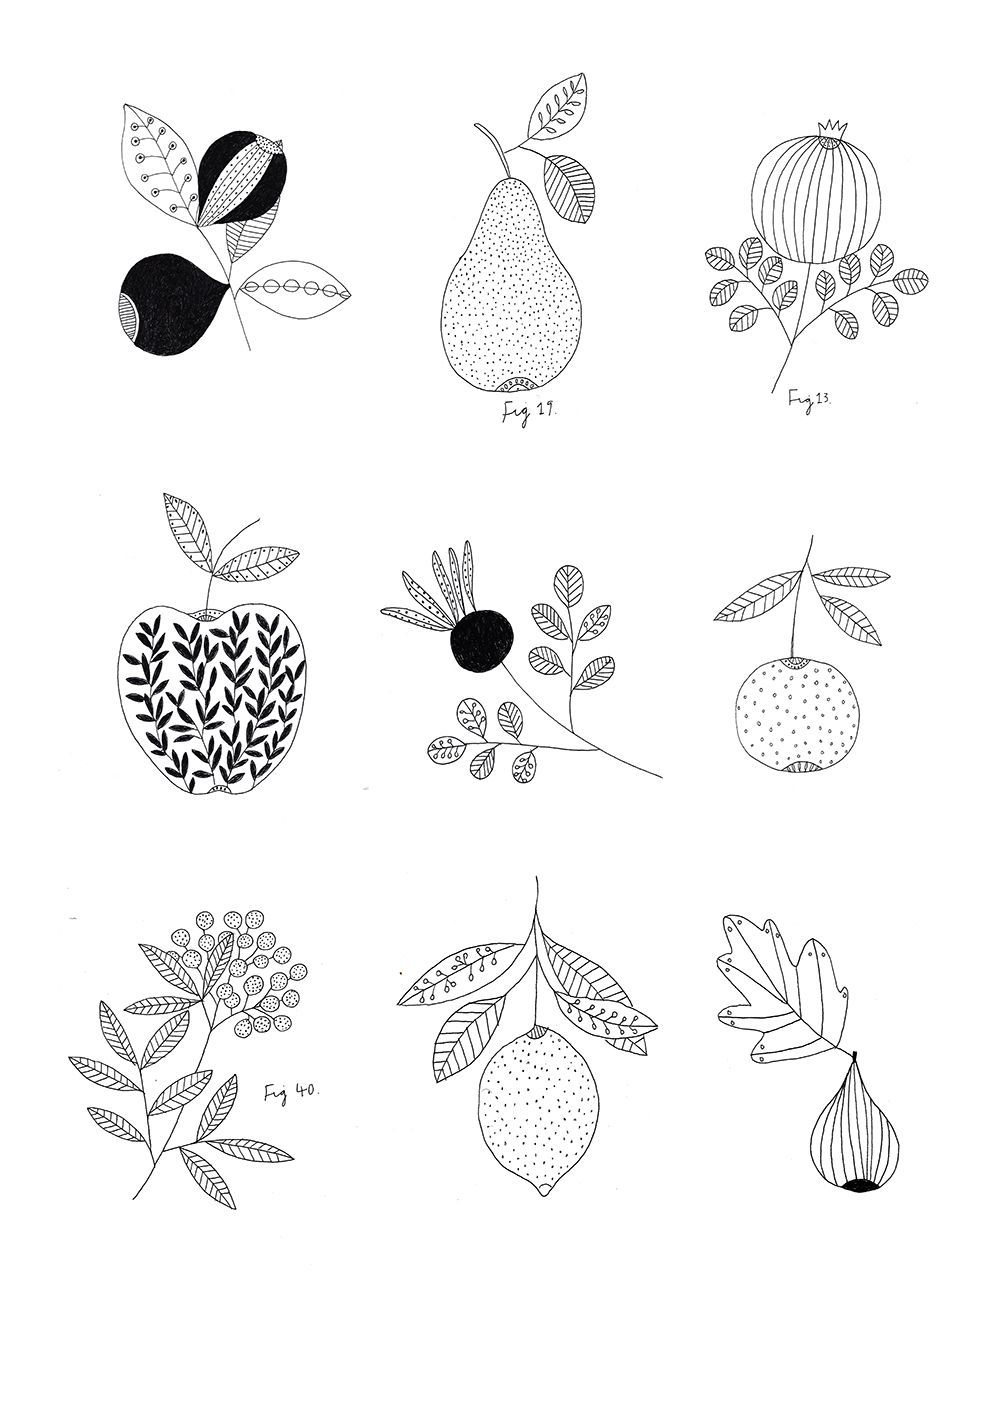 07bcf237913028afa85c61e9b2ad08b1 Jpg 1 000 1 414 Pixels 花の落書き バラ イラスト 手描きの花